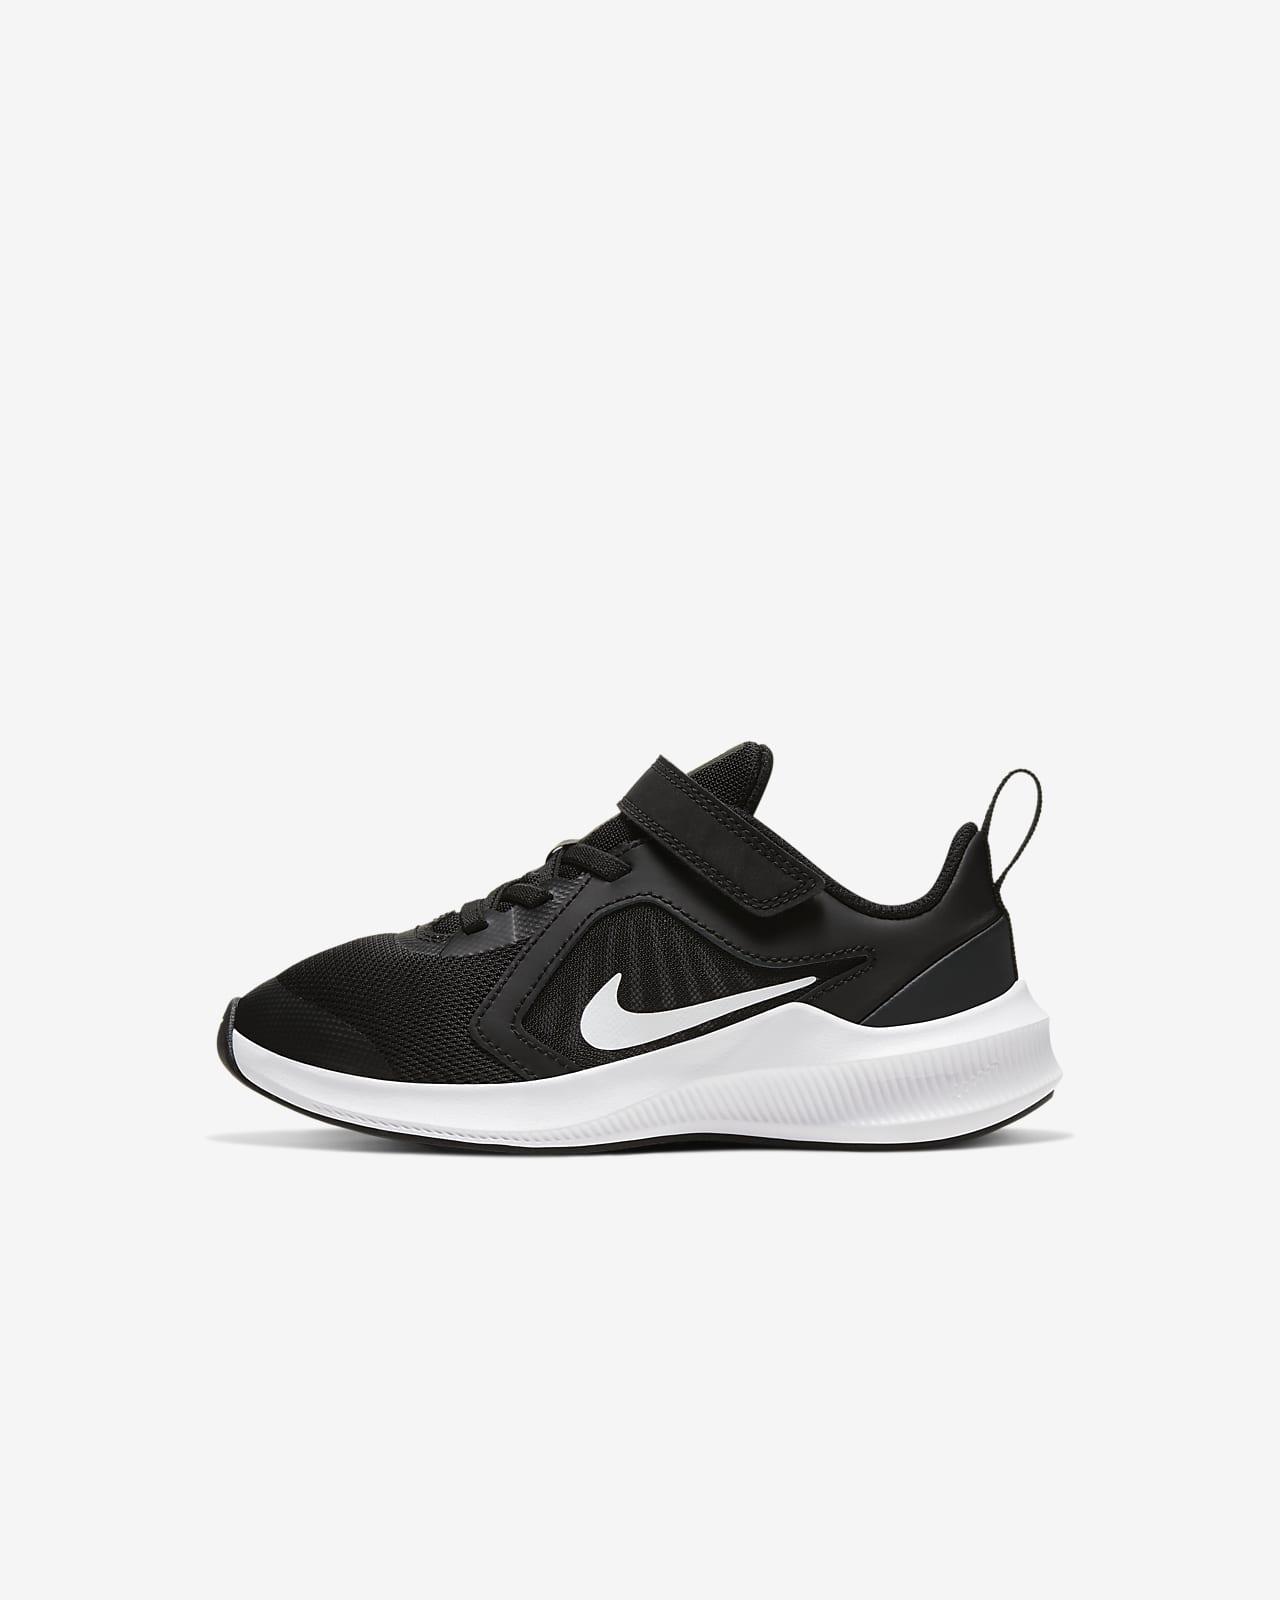 Nike Downshifter 10 Little Kids' Shoe (Wide)